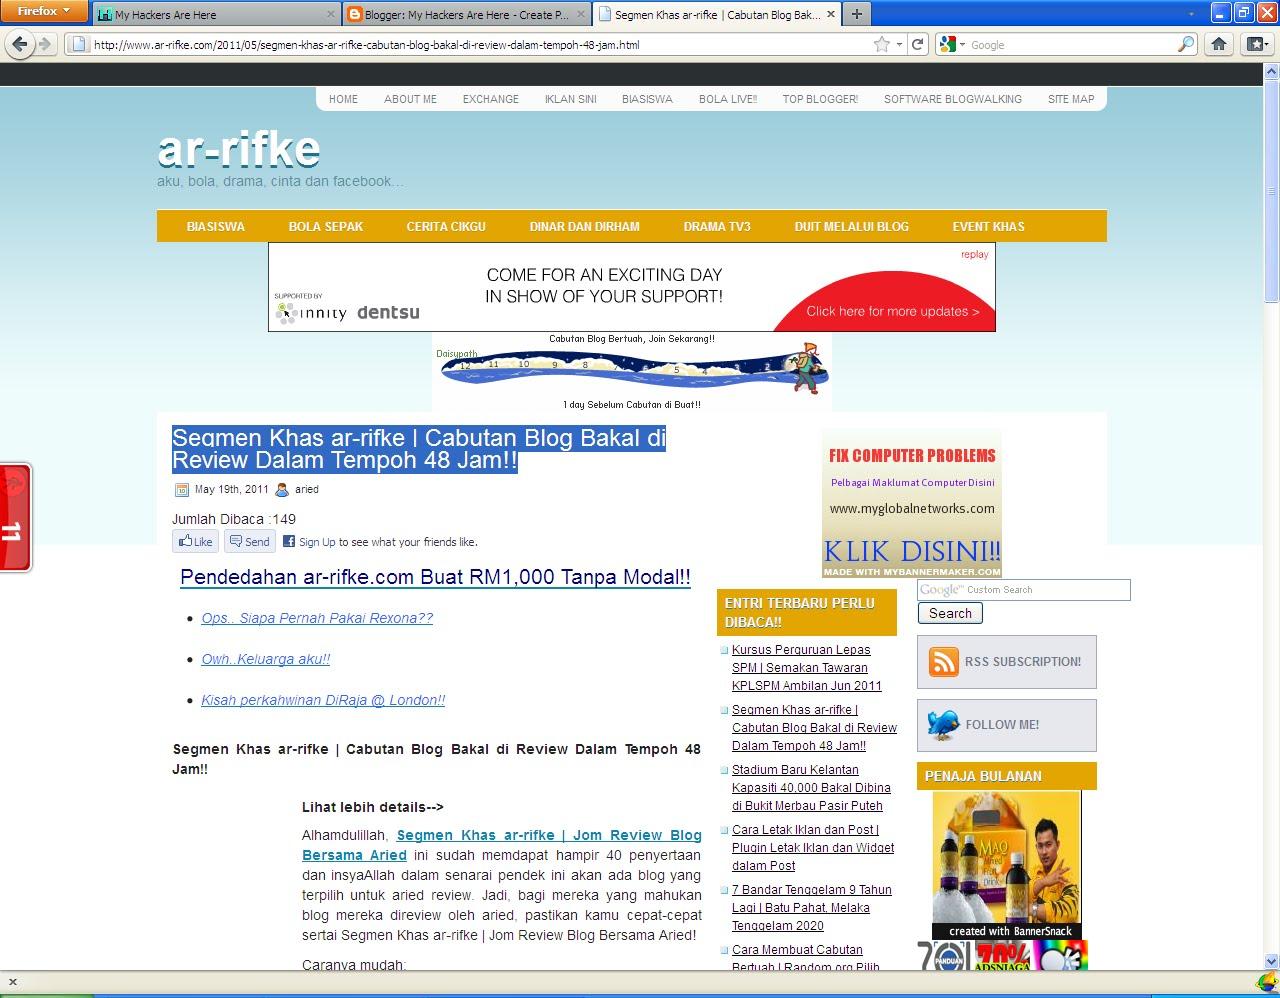 http://4.bp.blogspot.com/-QYg_GpRj1No/TdXw0d-no5I/AAAAAAAAAt4/OUhQhPM155E/s1600/segmen%2Bkhas%2Bar-rifke.bmp